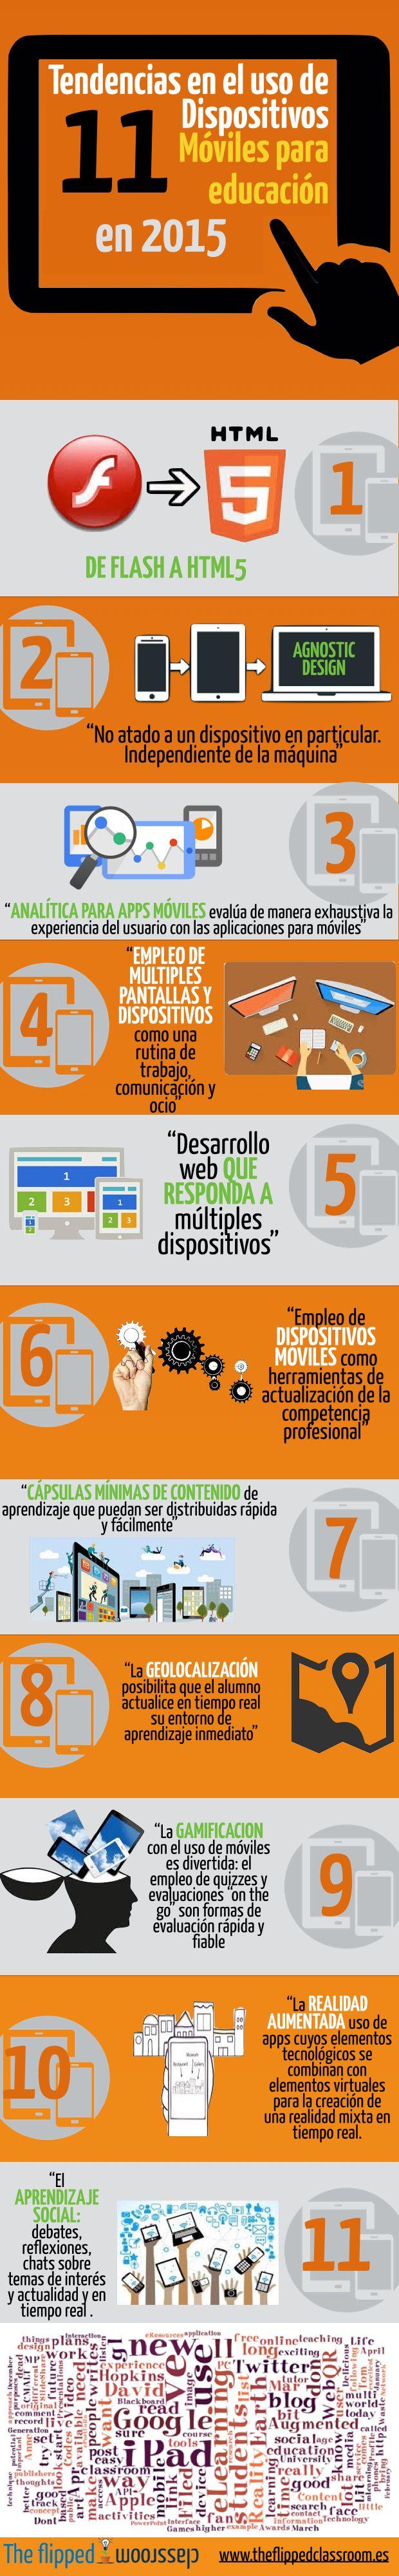 11 Tendencias sobre Dispositivos Móviles en Educación #infografia #infographic #education